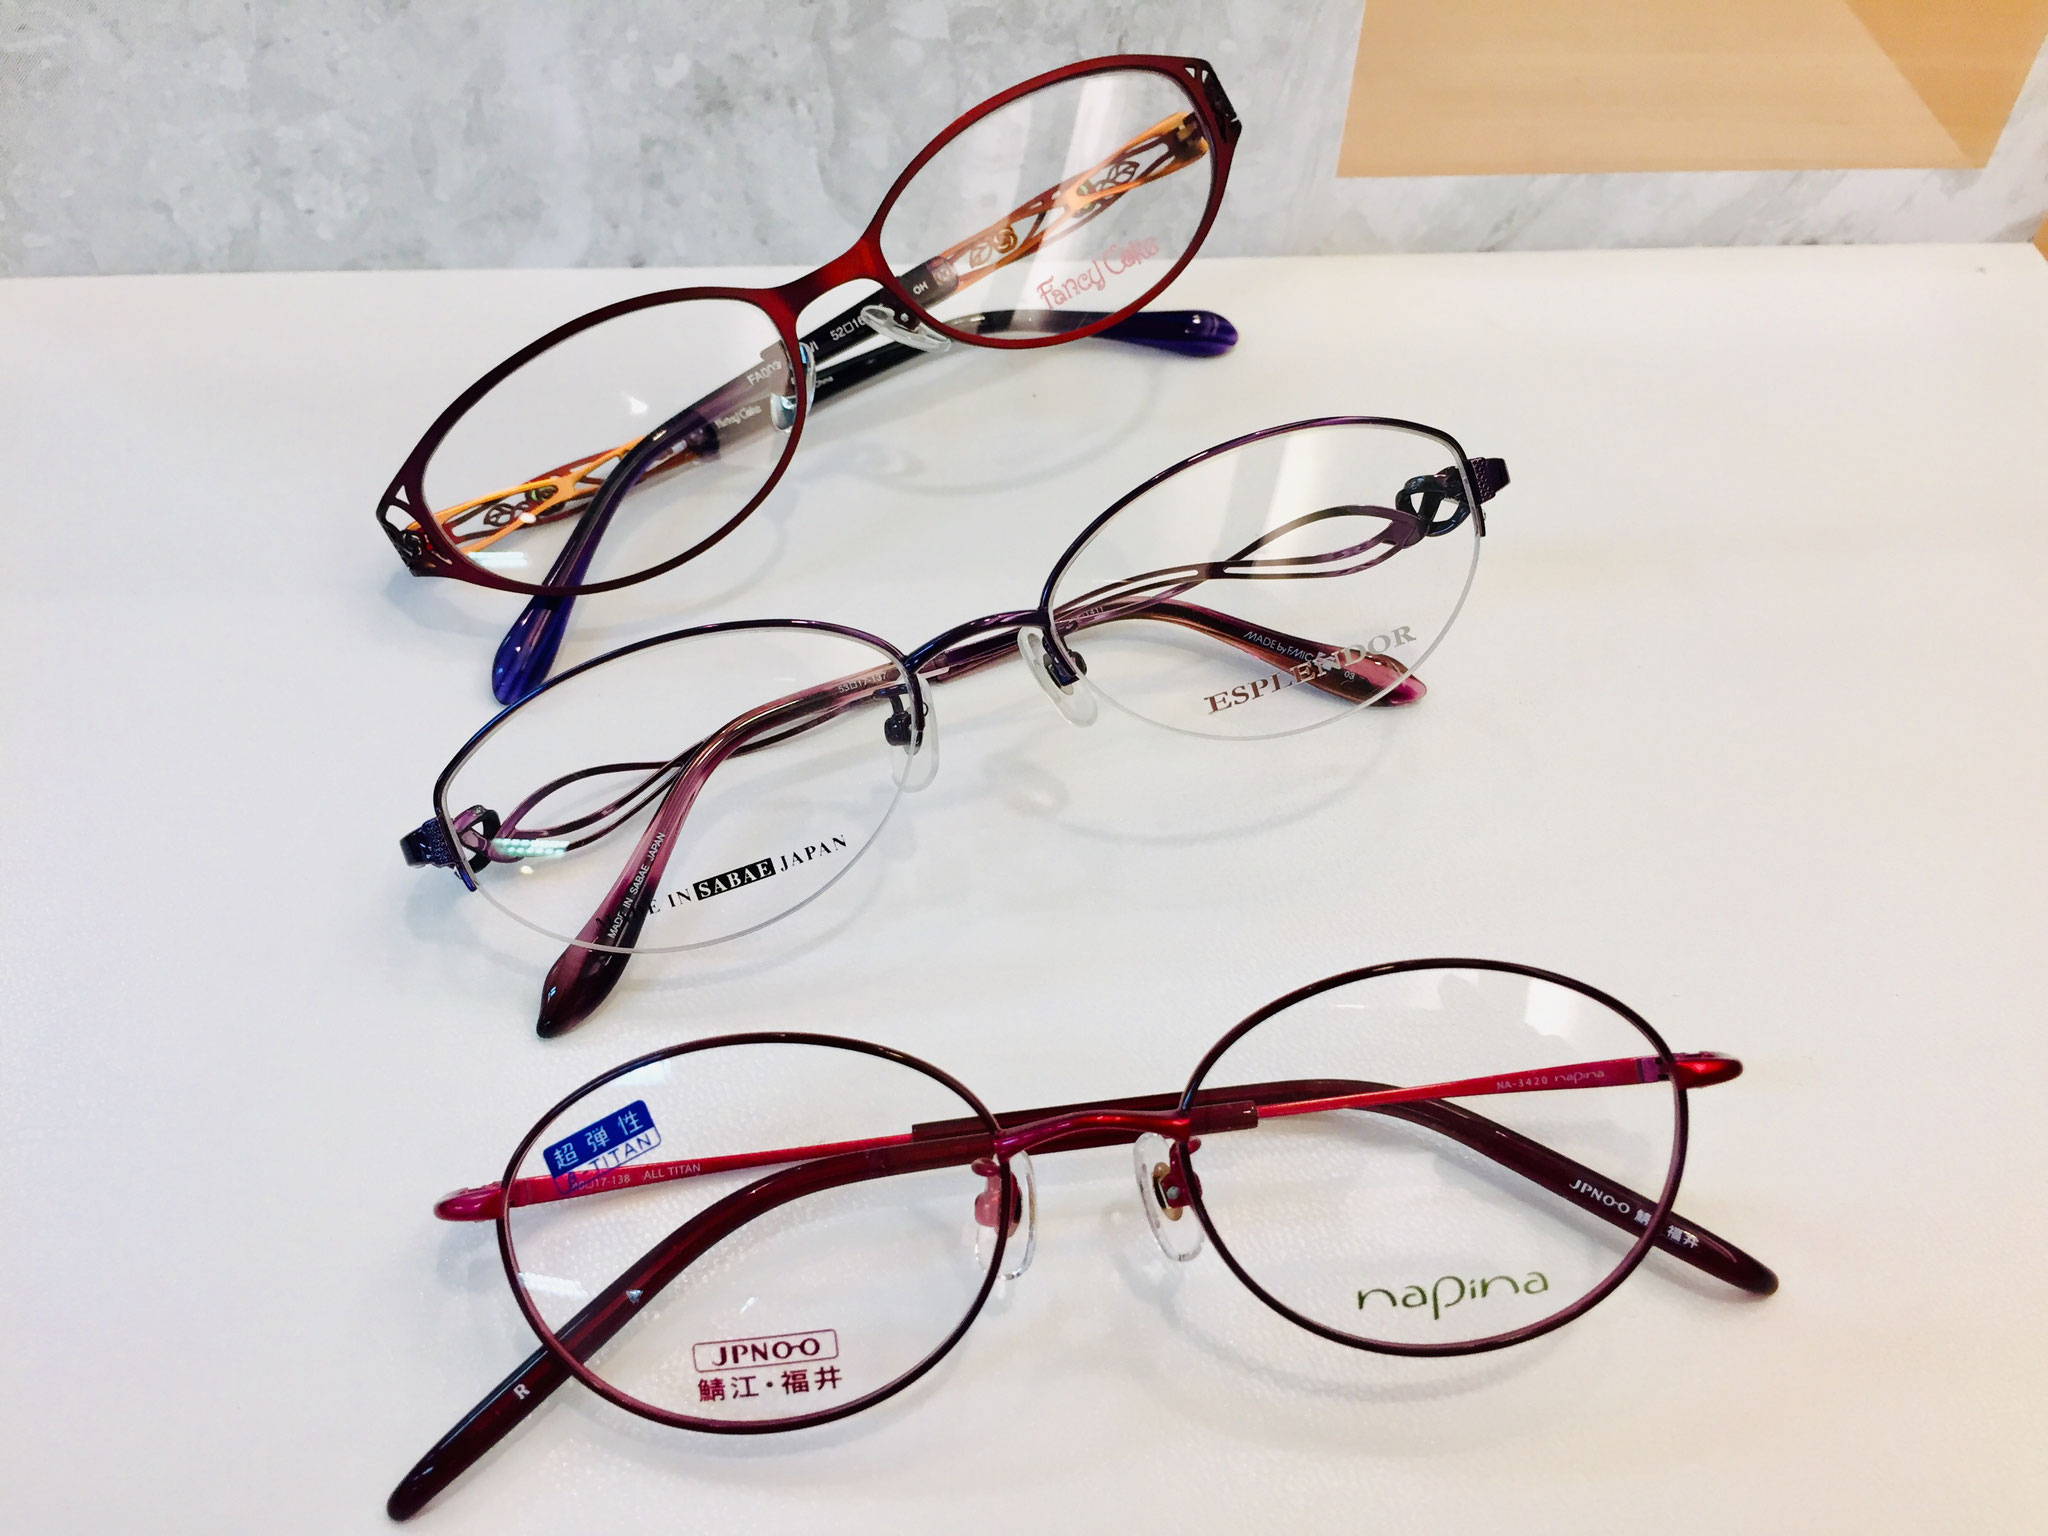 老眼鏡・遠近両用メガネの出張販売 恵那市 眼鏡のオクダ